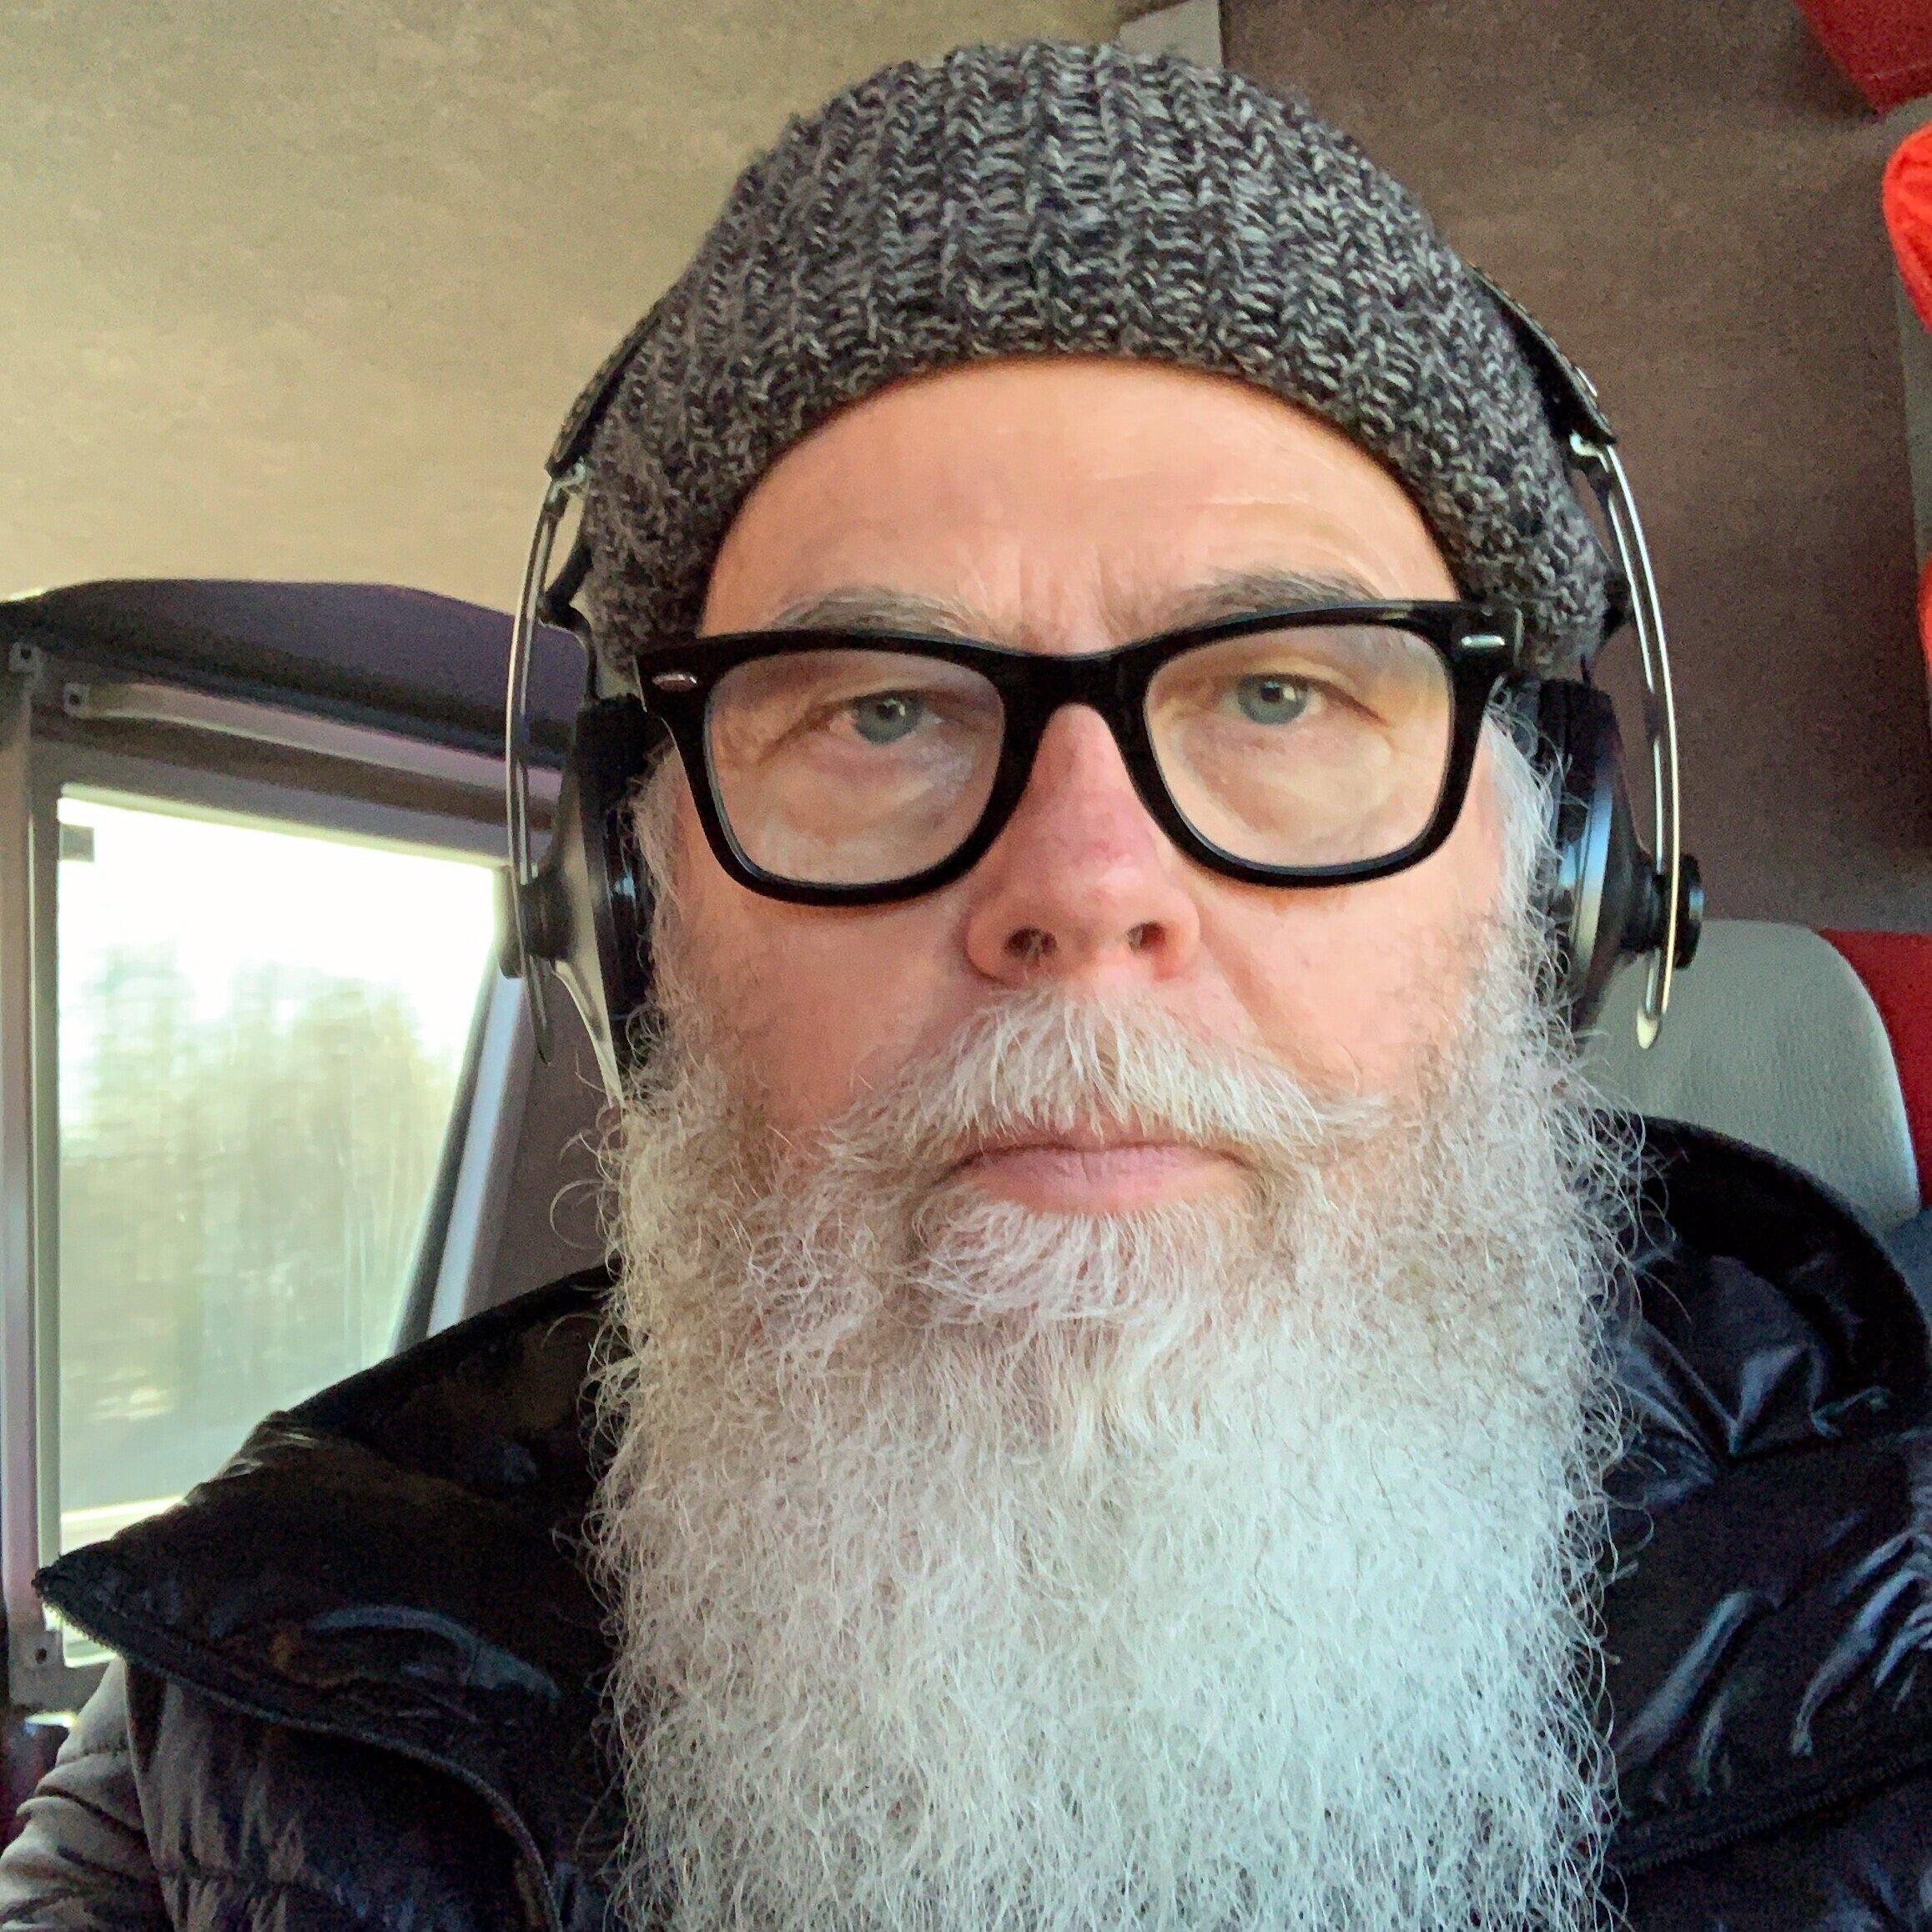 TOM FRISK  Senior advisor (Kaiku Songs)  tom@kent.fi    Tom Frisk  työskenteli ennen Kaiulle siirtymistään yli 16 vuotta Warner Chappelilla. Tom vastaa Kaiku Songsin luovasta toiminnasta, sen kasvattamisesta ja kehittämisestä. Lisäksi Tom koordinoi biisien lisensointia ja viennin edistämistä.